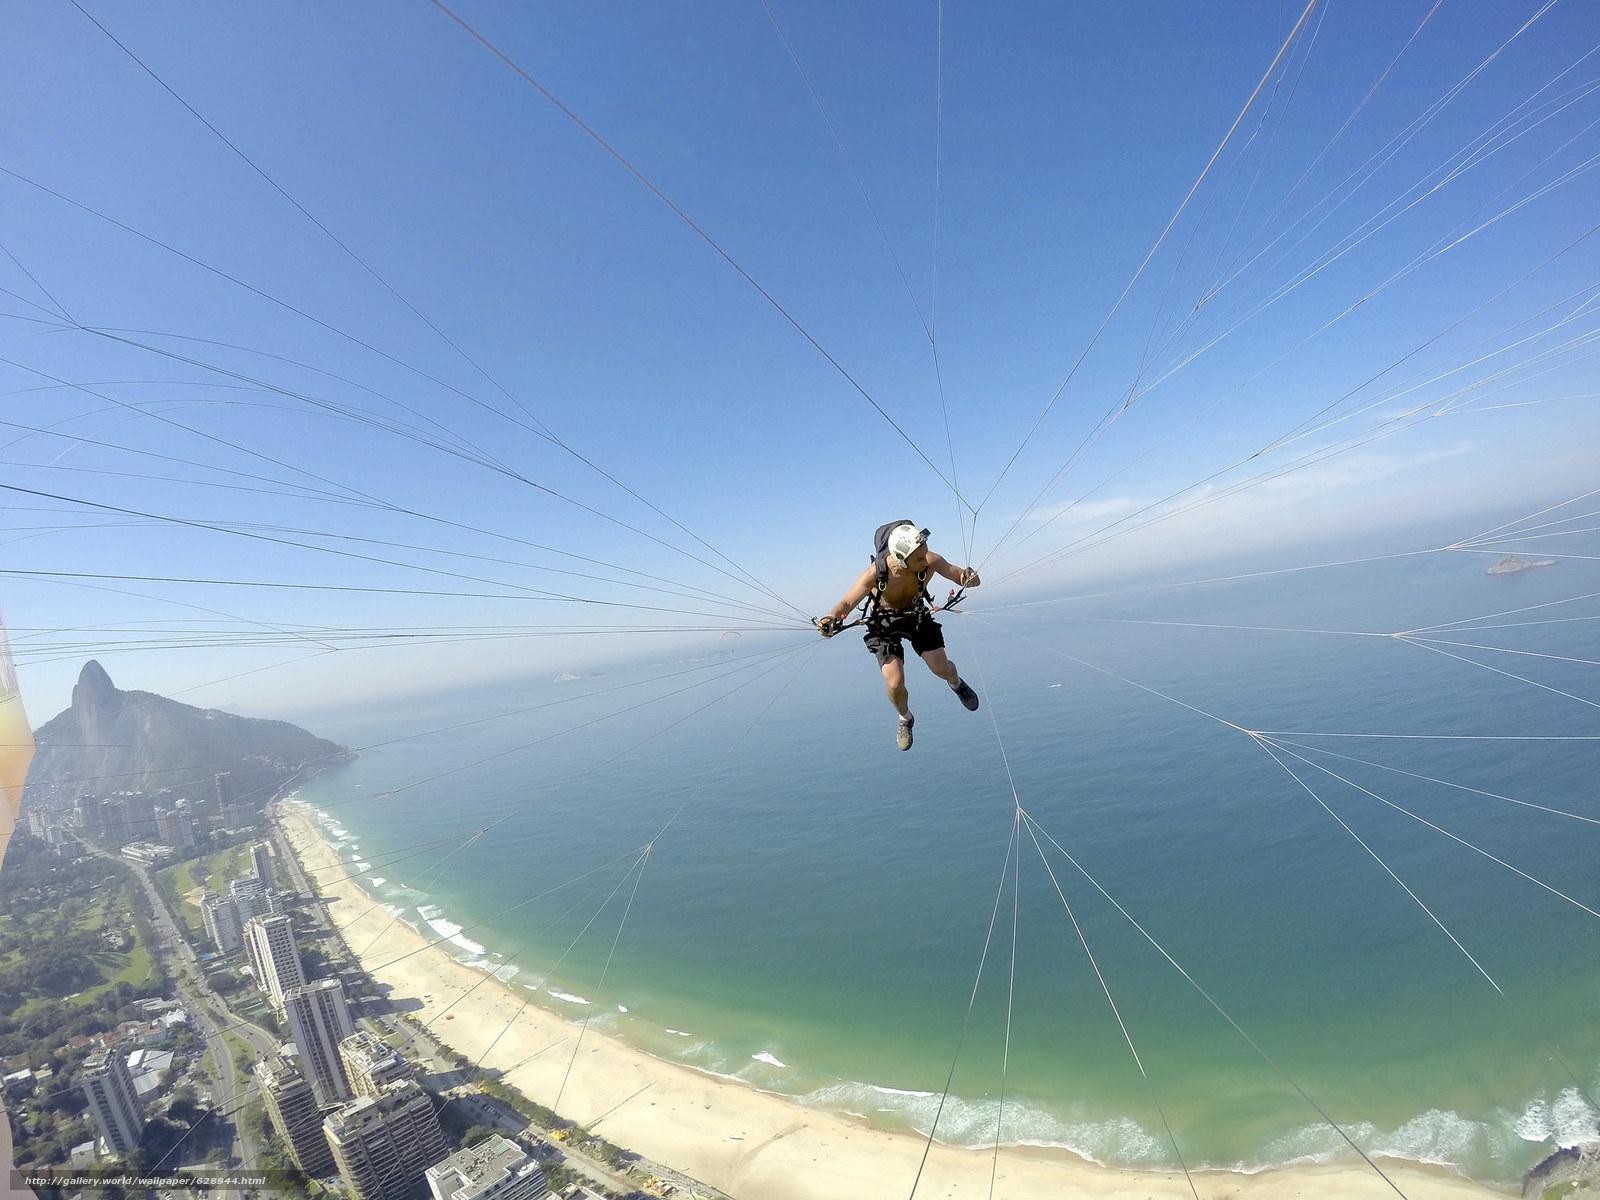 полеты на параплане, параплан, пилот, камера, шлем, нить, пляж, море, островок, горизонт, небо, Бразилия, Рио-де-Жанейро, экстремальный спорт